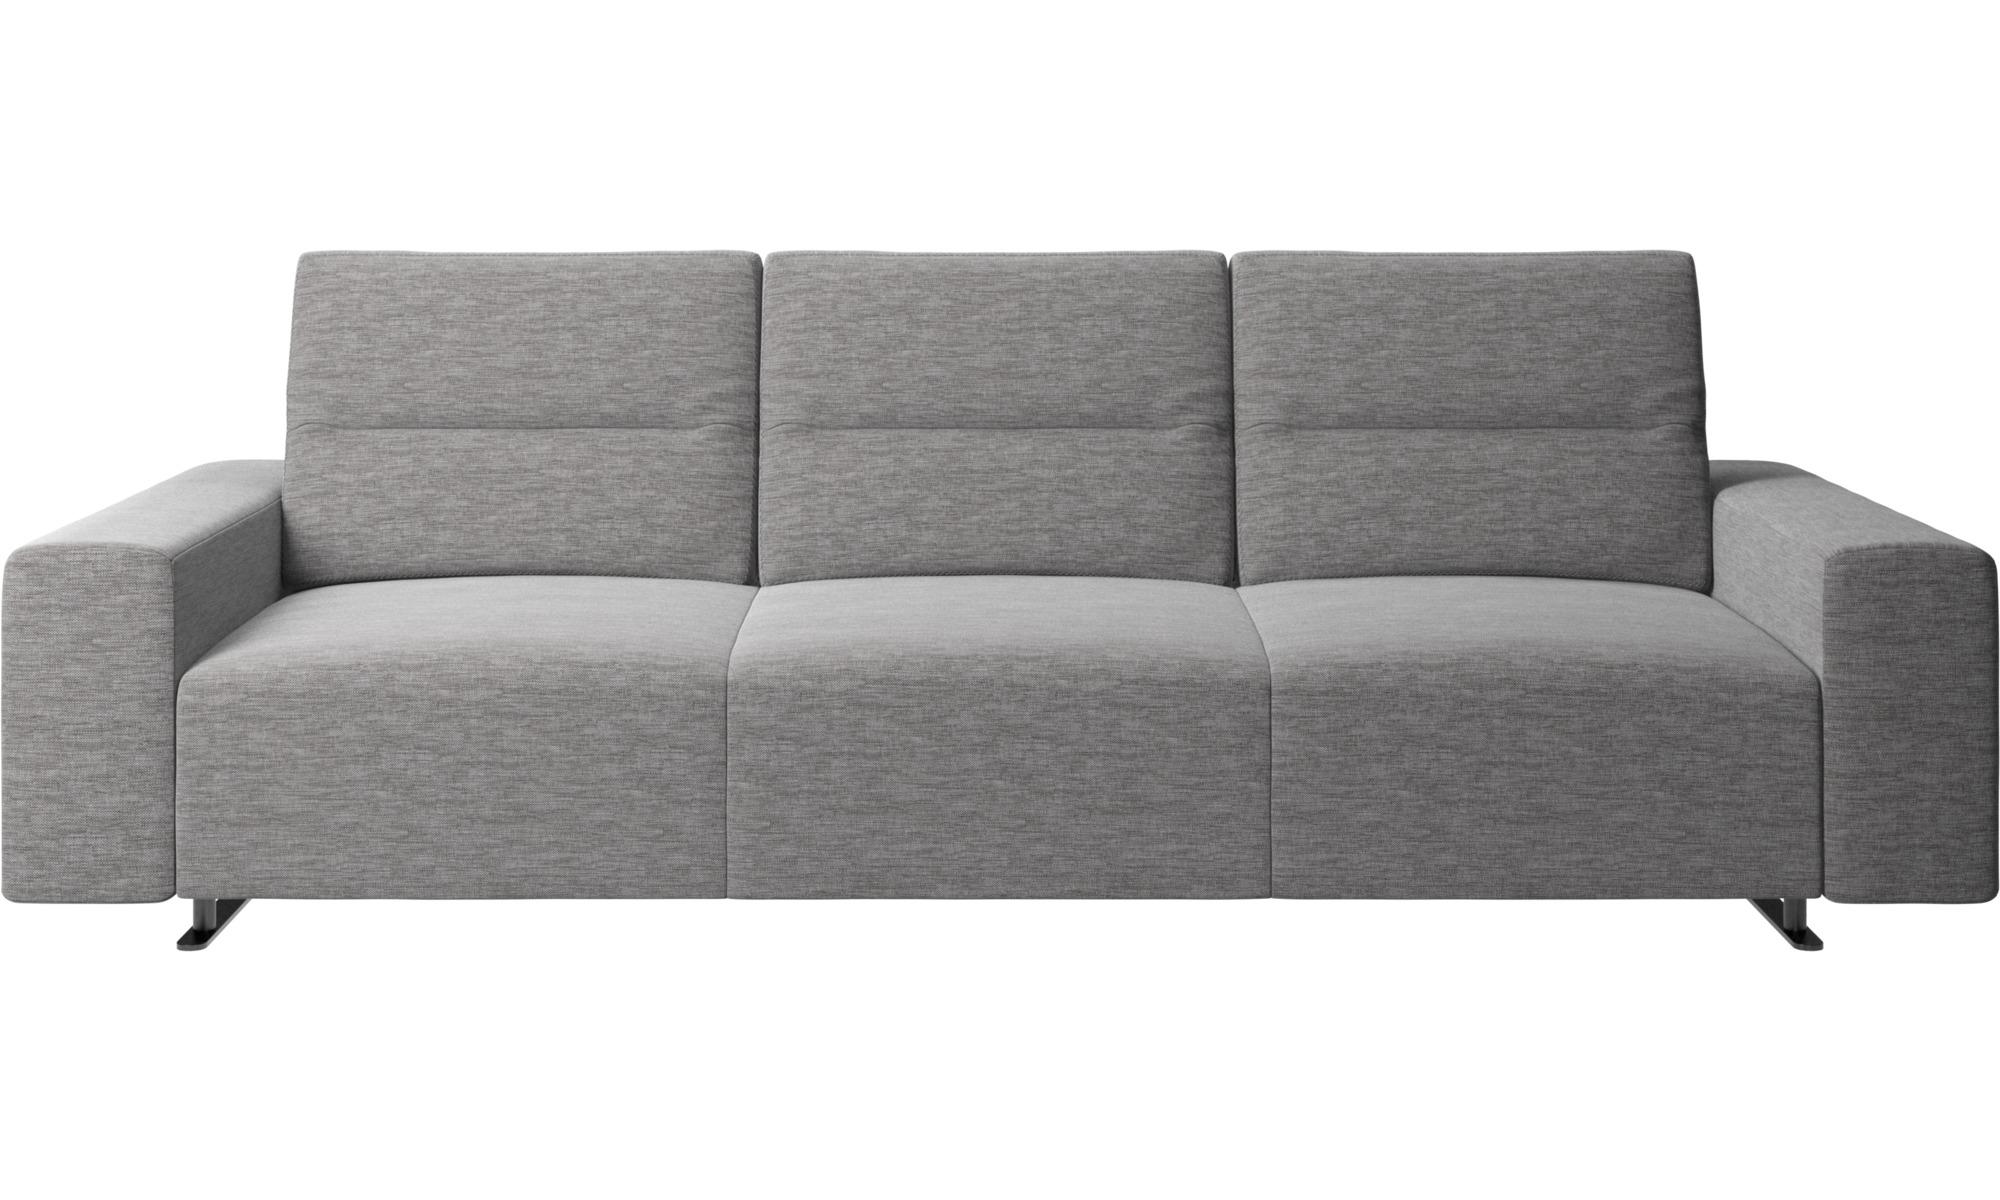 Canapés 3 places - Canapé Hampton avec dossier ajustable et espace de rangement côté droit - Gris - Tissu